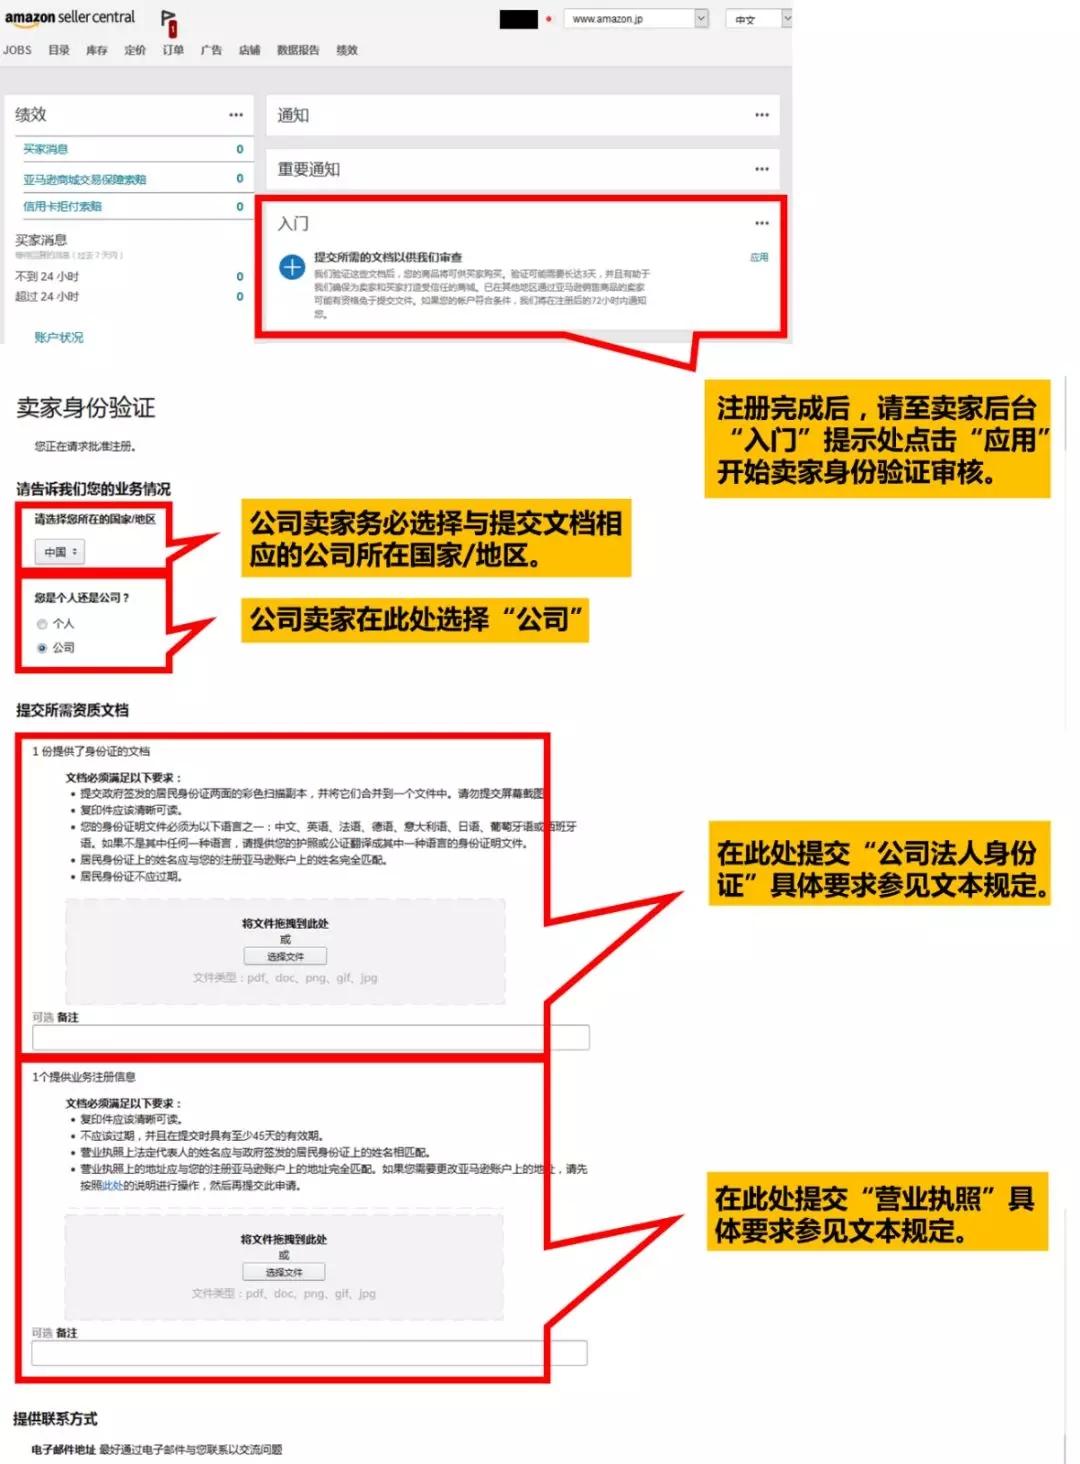 亚马逊日本站开店要求以及详细流程